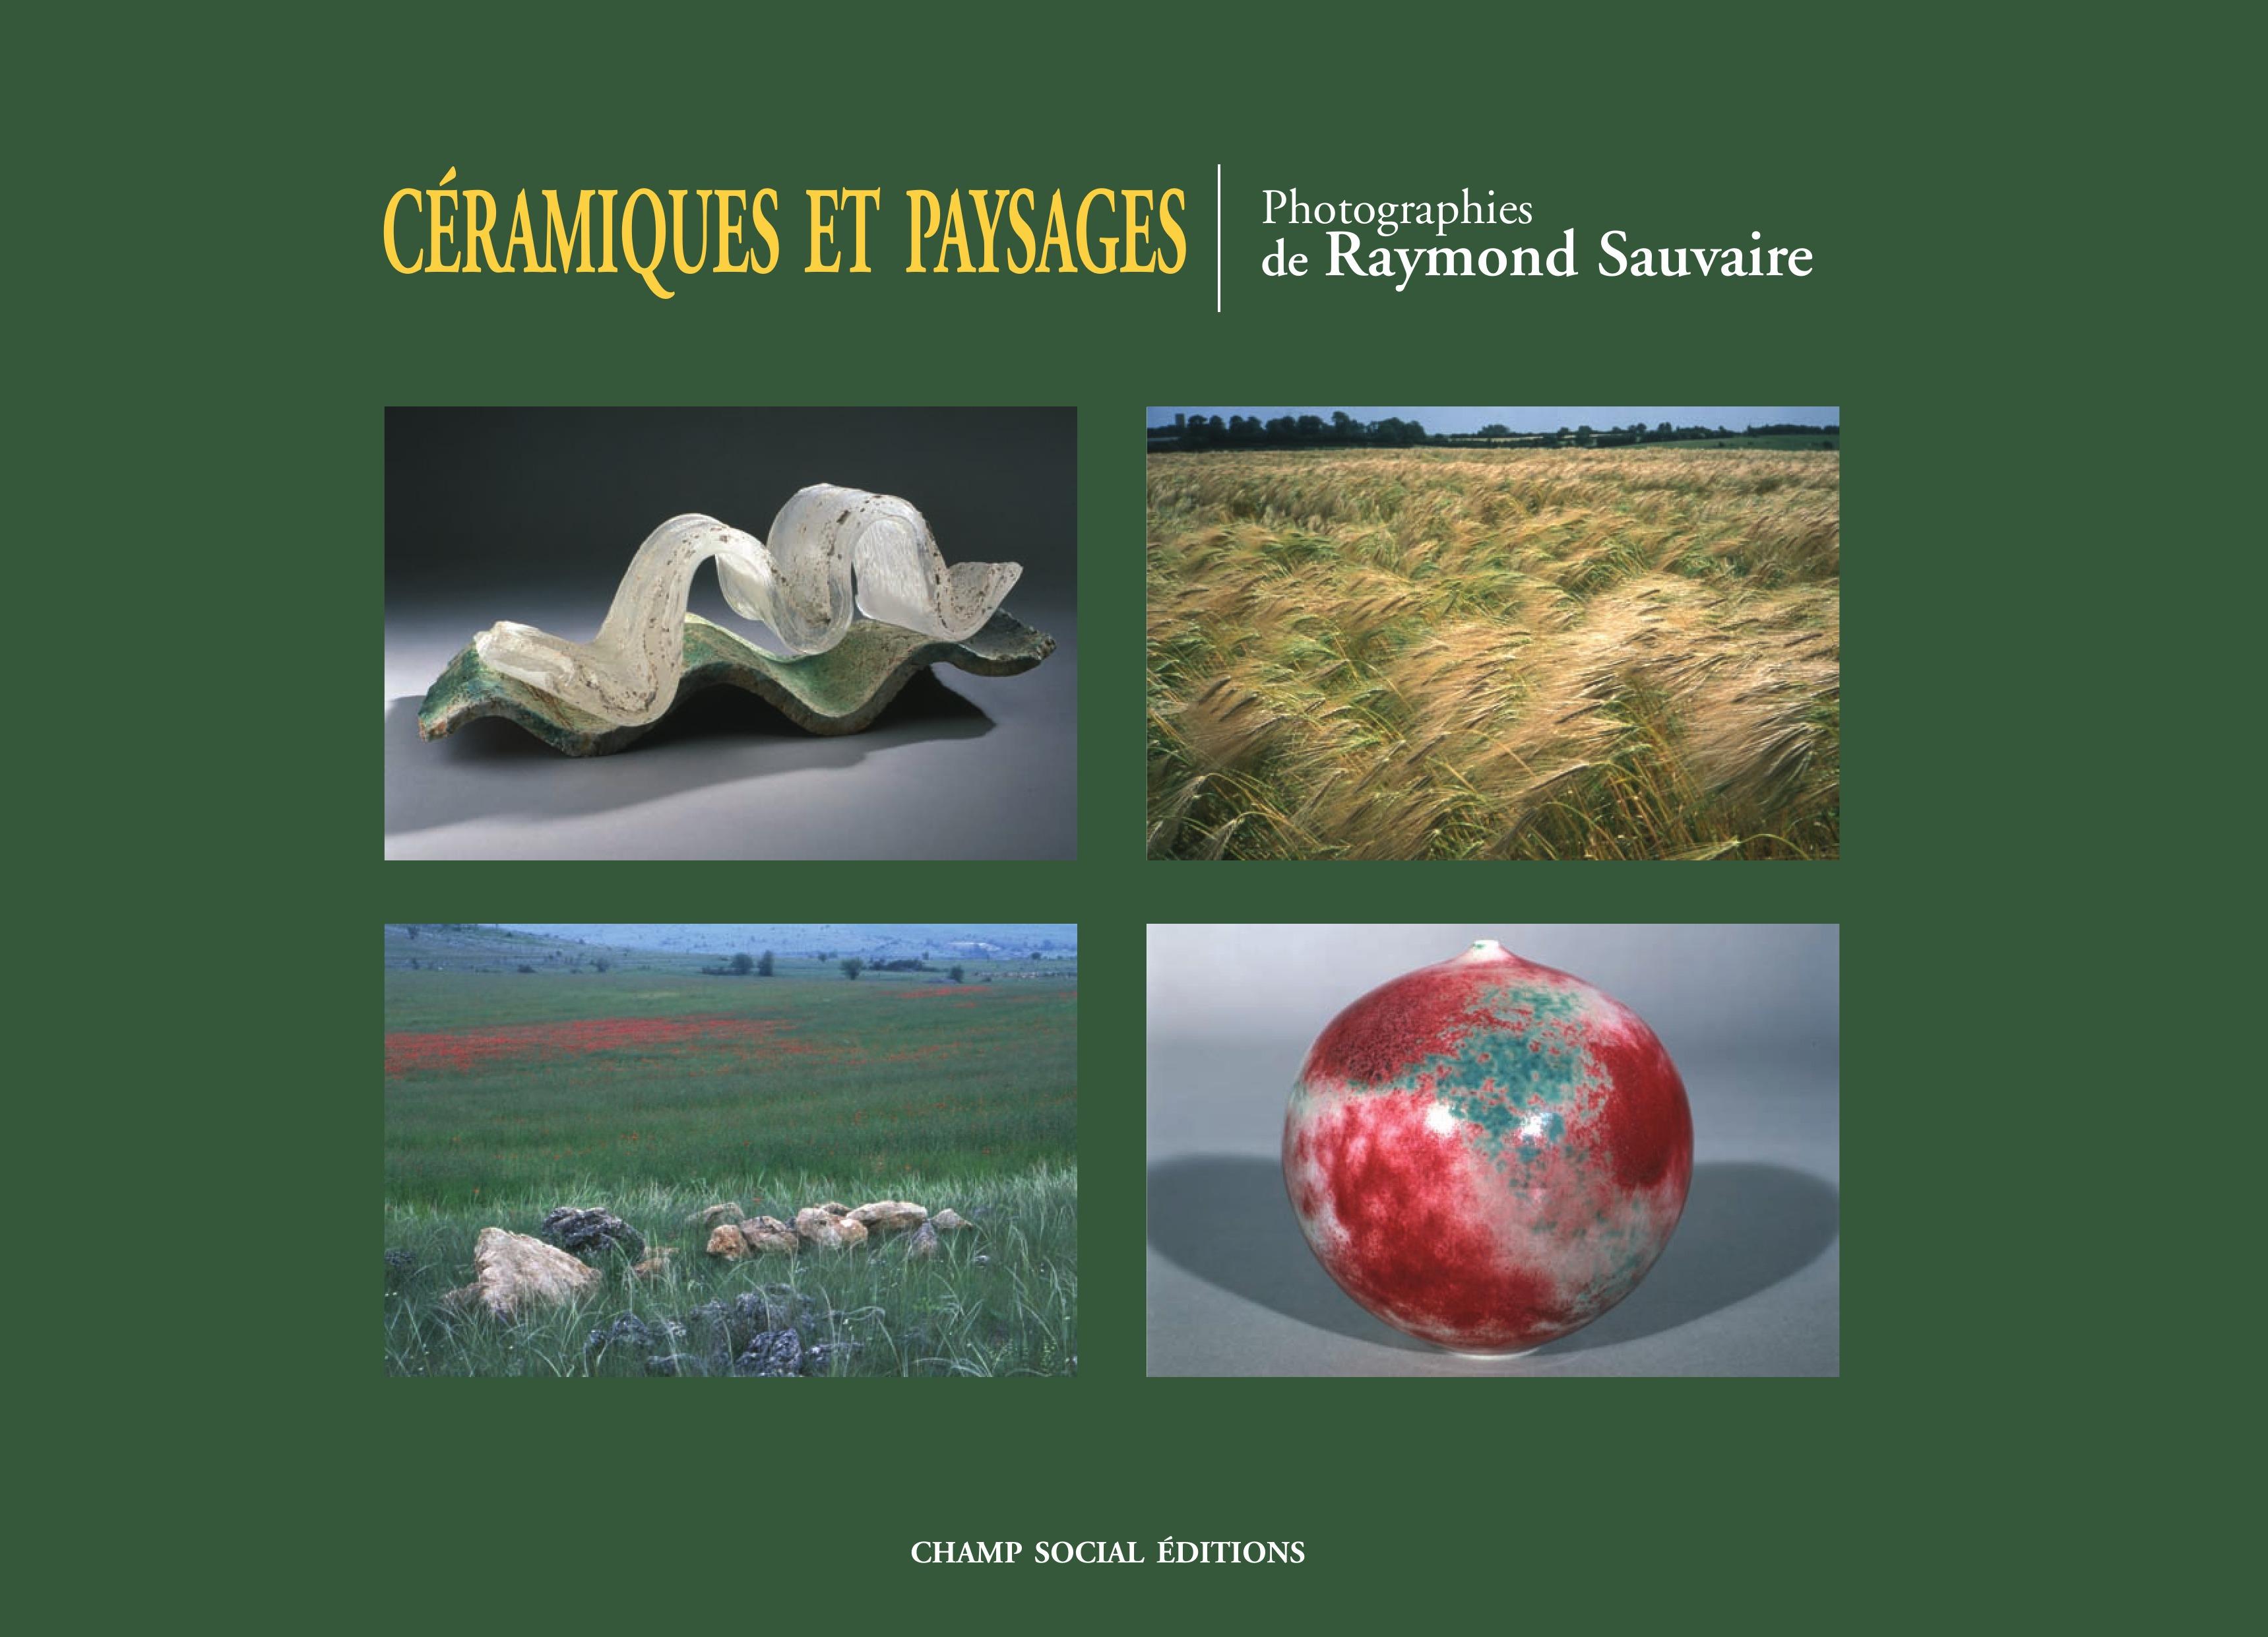 Céramiques et paysages